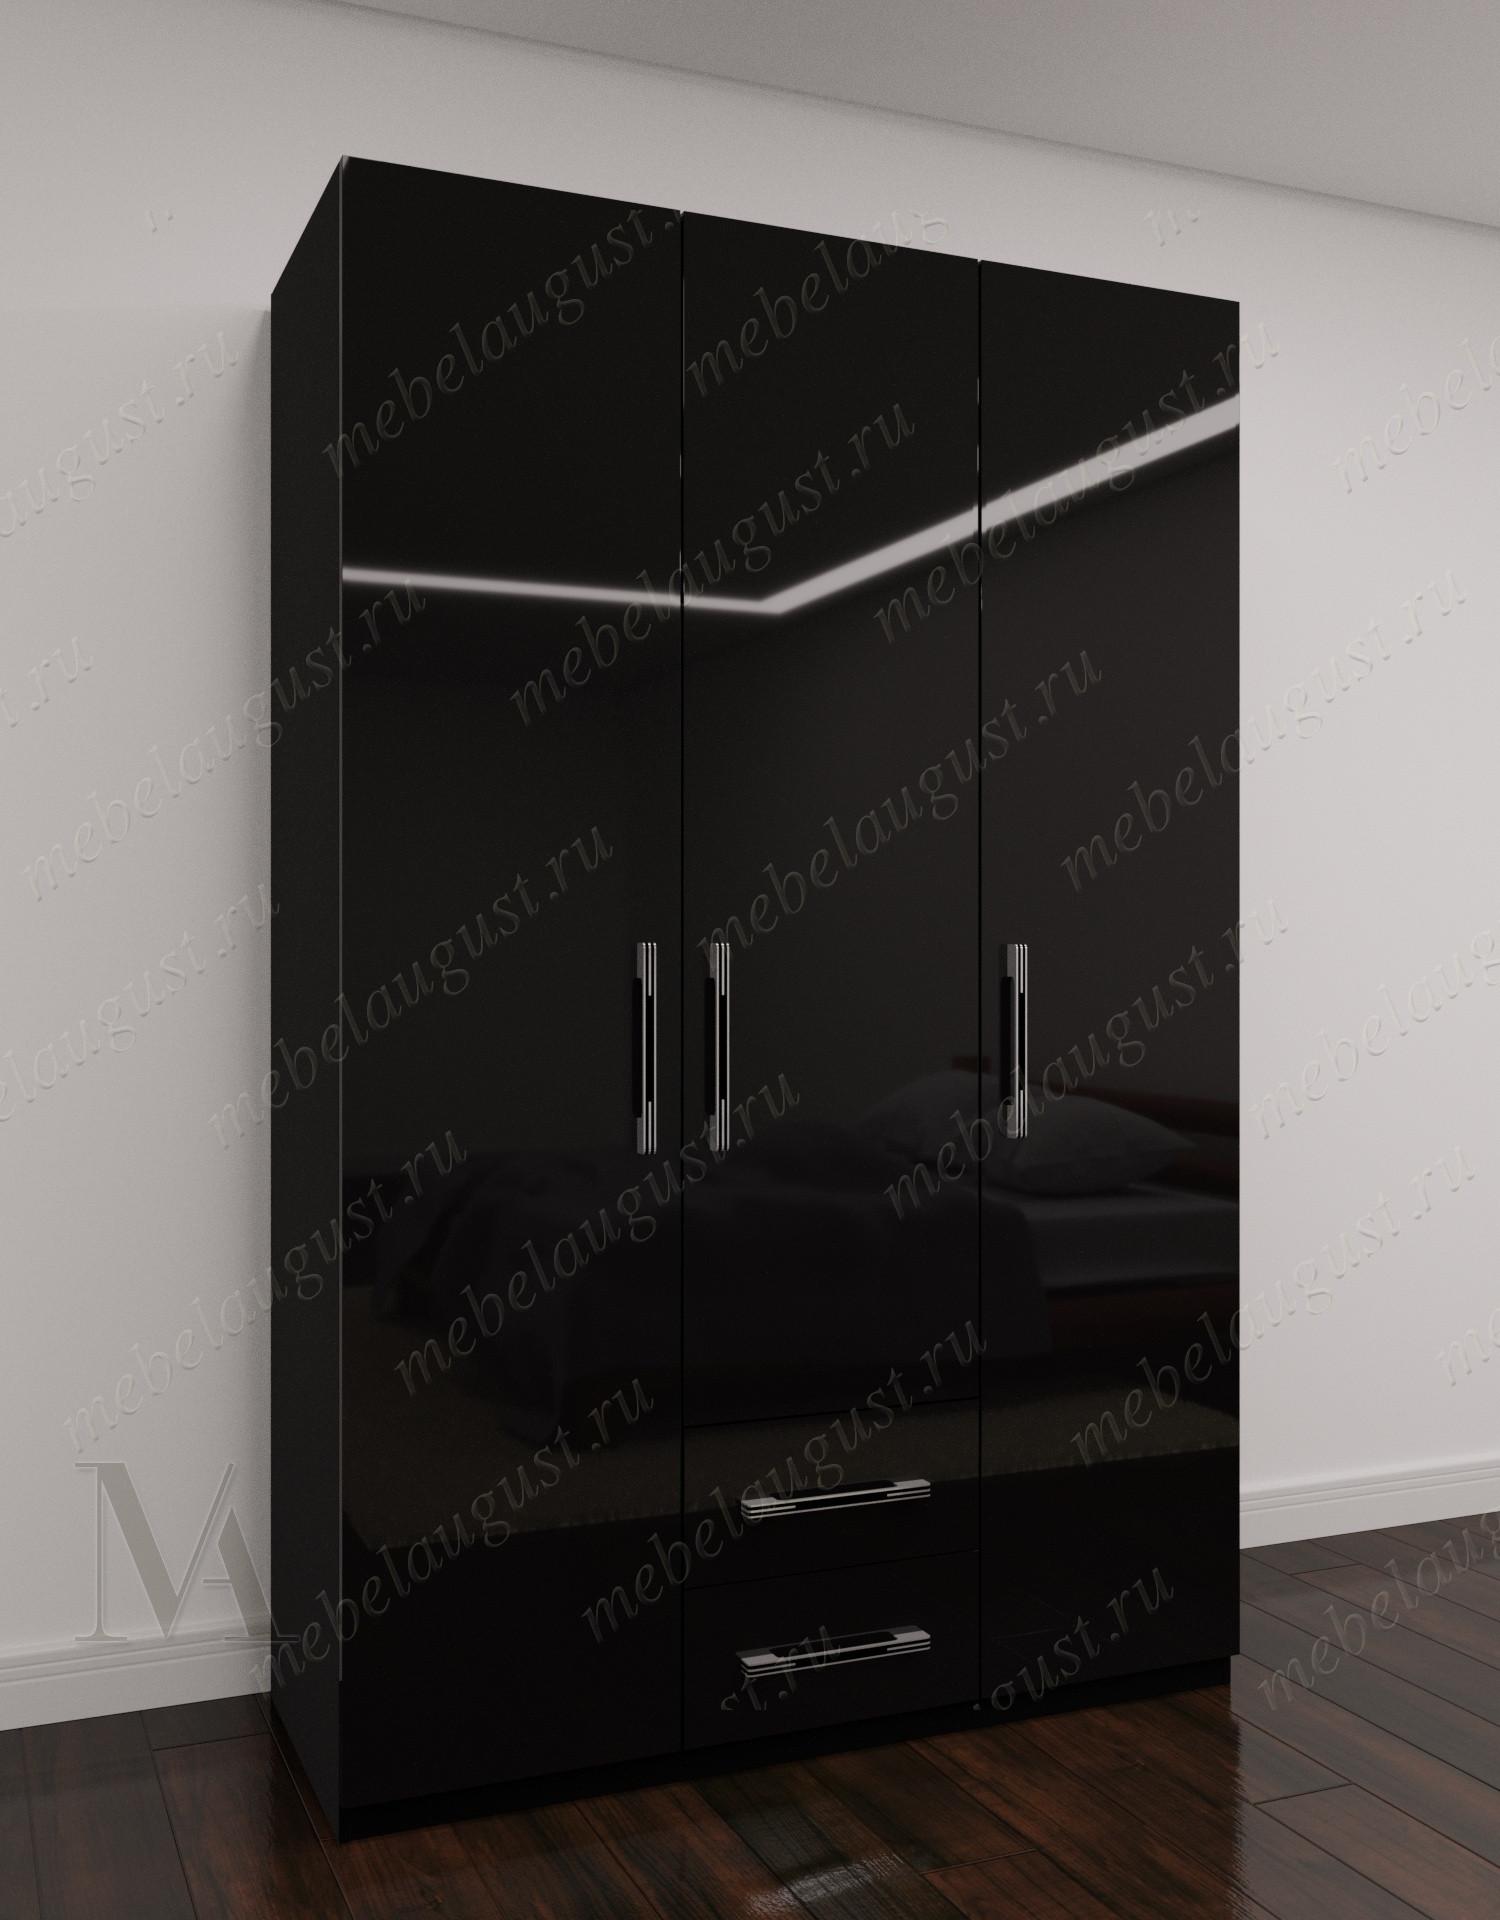 Трехдверный распашной шкаф для одежды с ящиками для мелочей в спальню цвета черный глянец